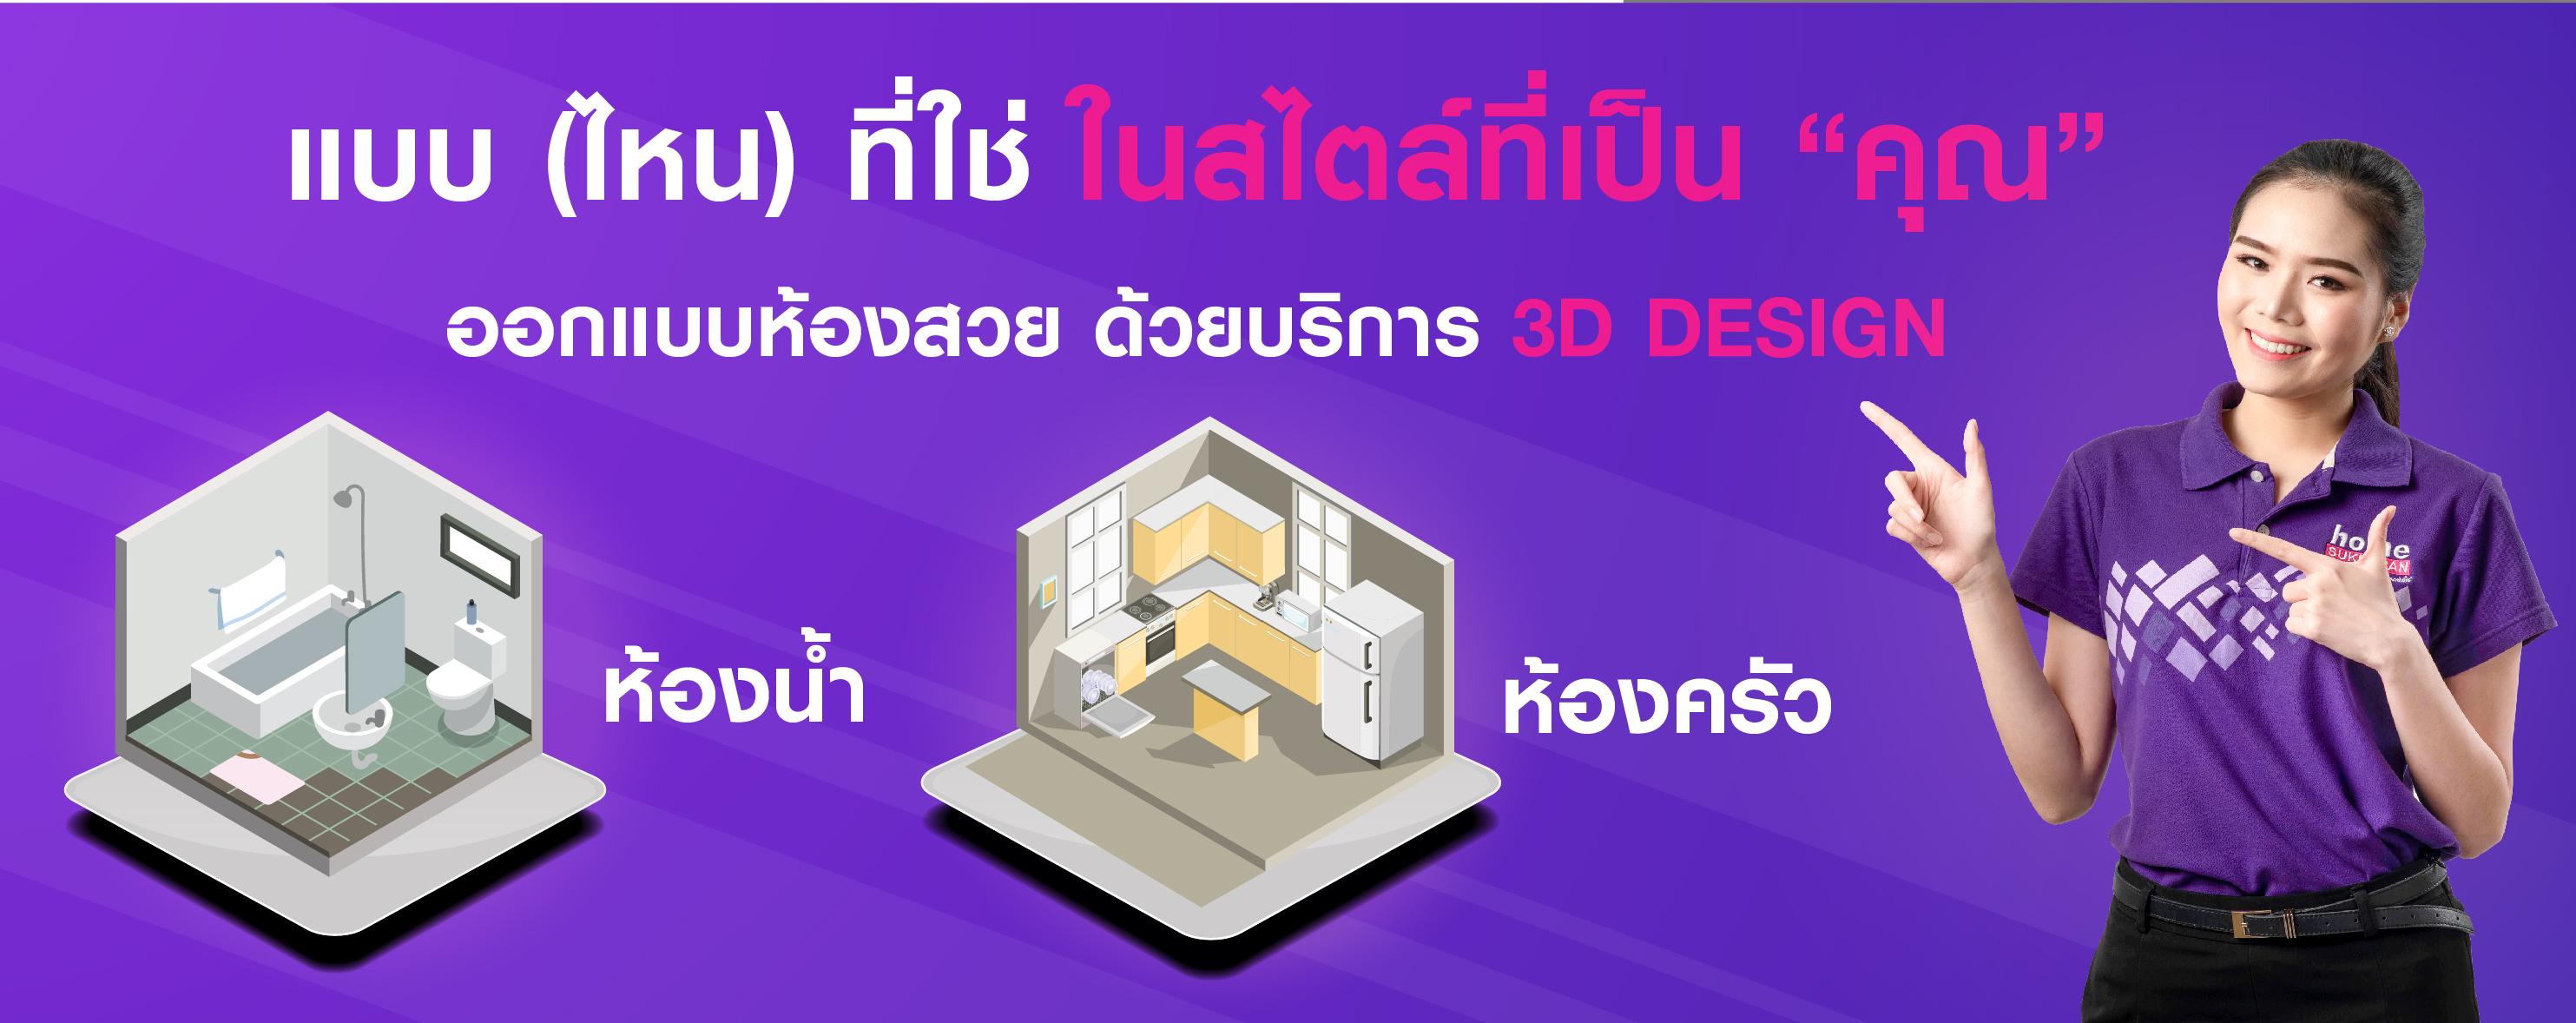 บริการออกแบบ 3D